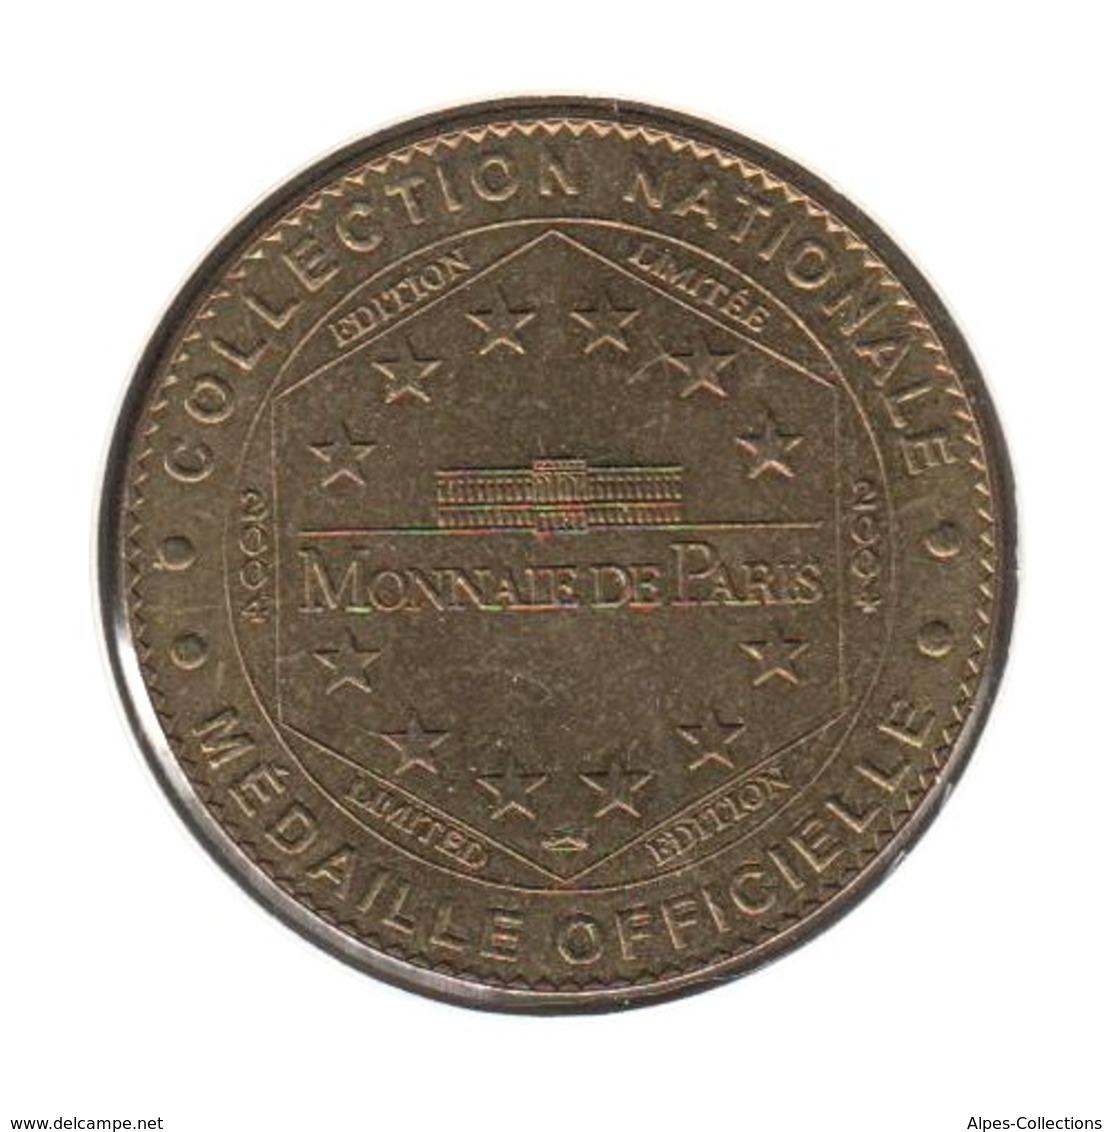 59001 - MEDAILLE TOURISTIQUE MONNAIE DE PARIS 59 - Centre Historique Minier - 2004 - Monnaie De Paris